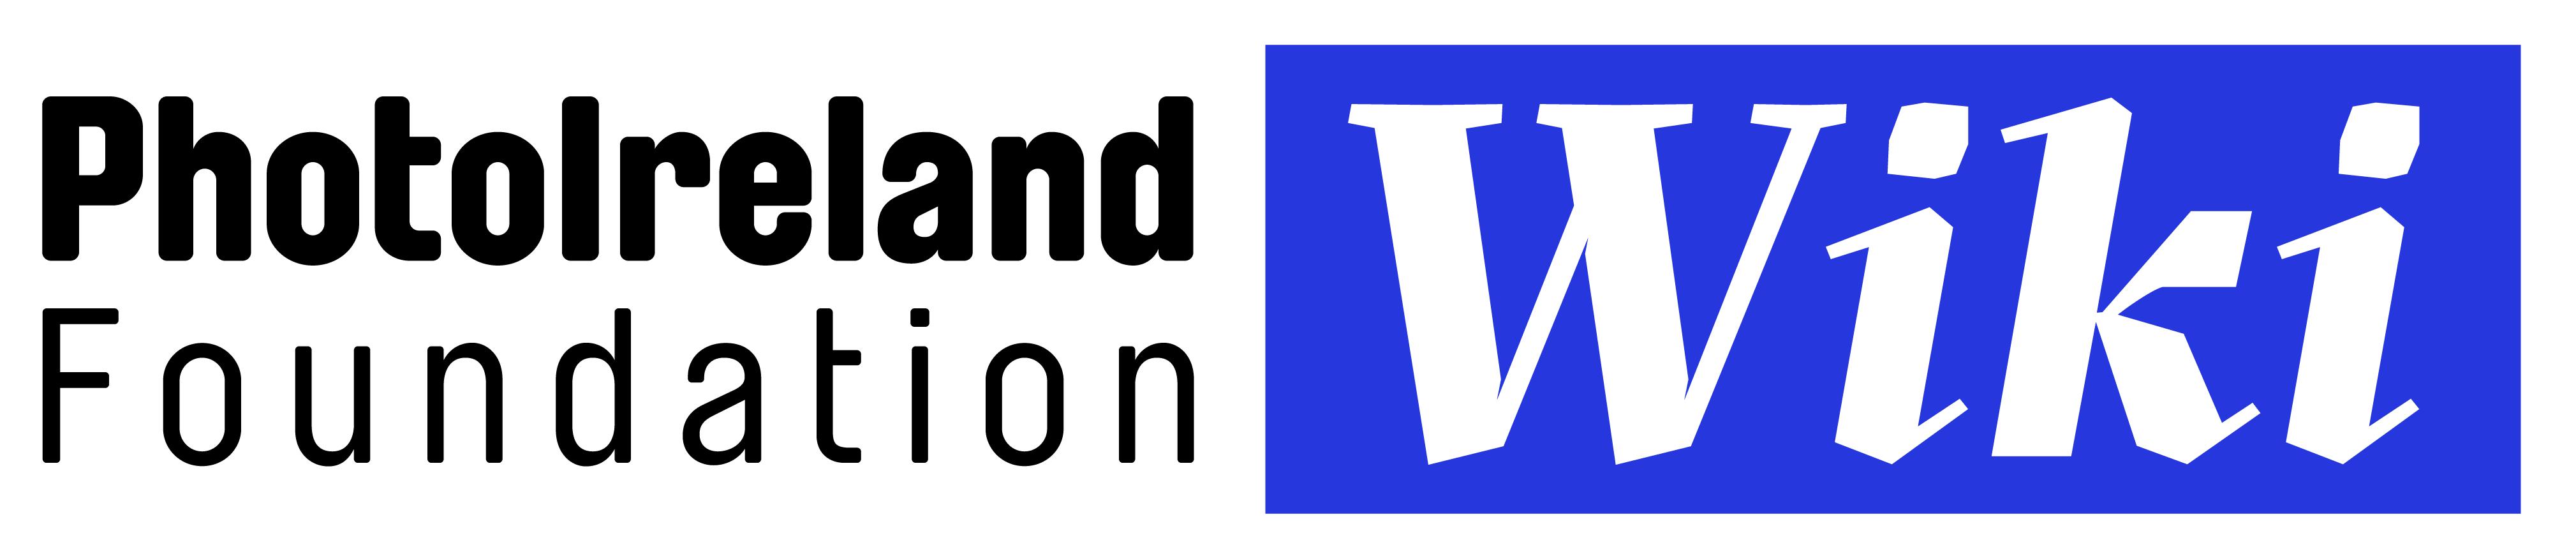 PhotoIreland Foundation Wiki